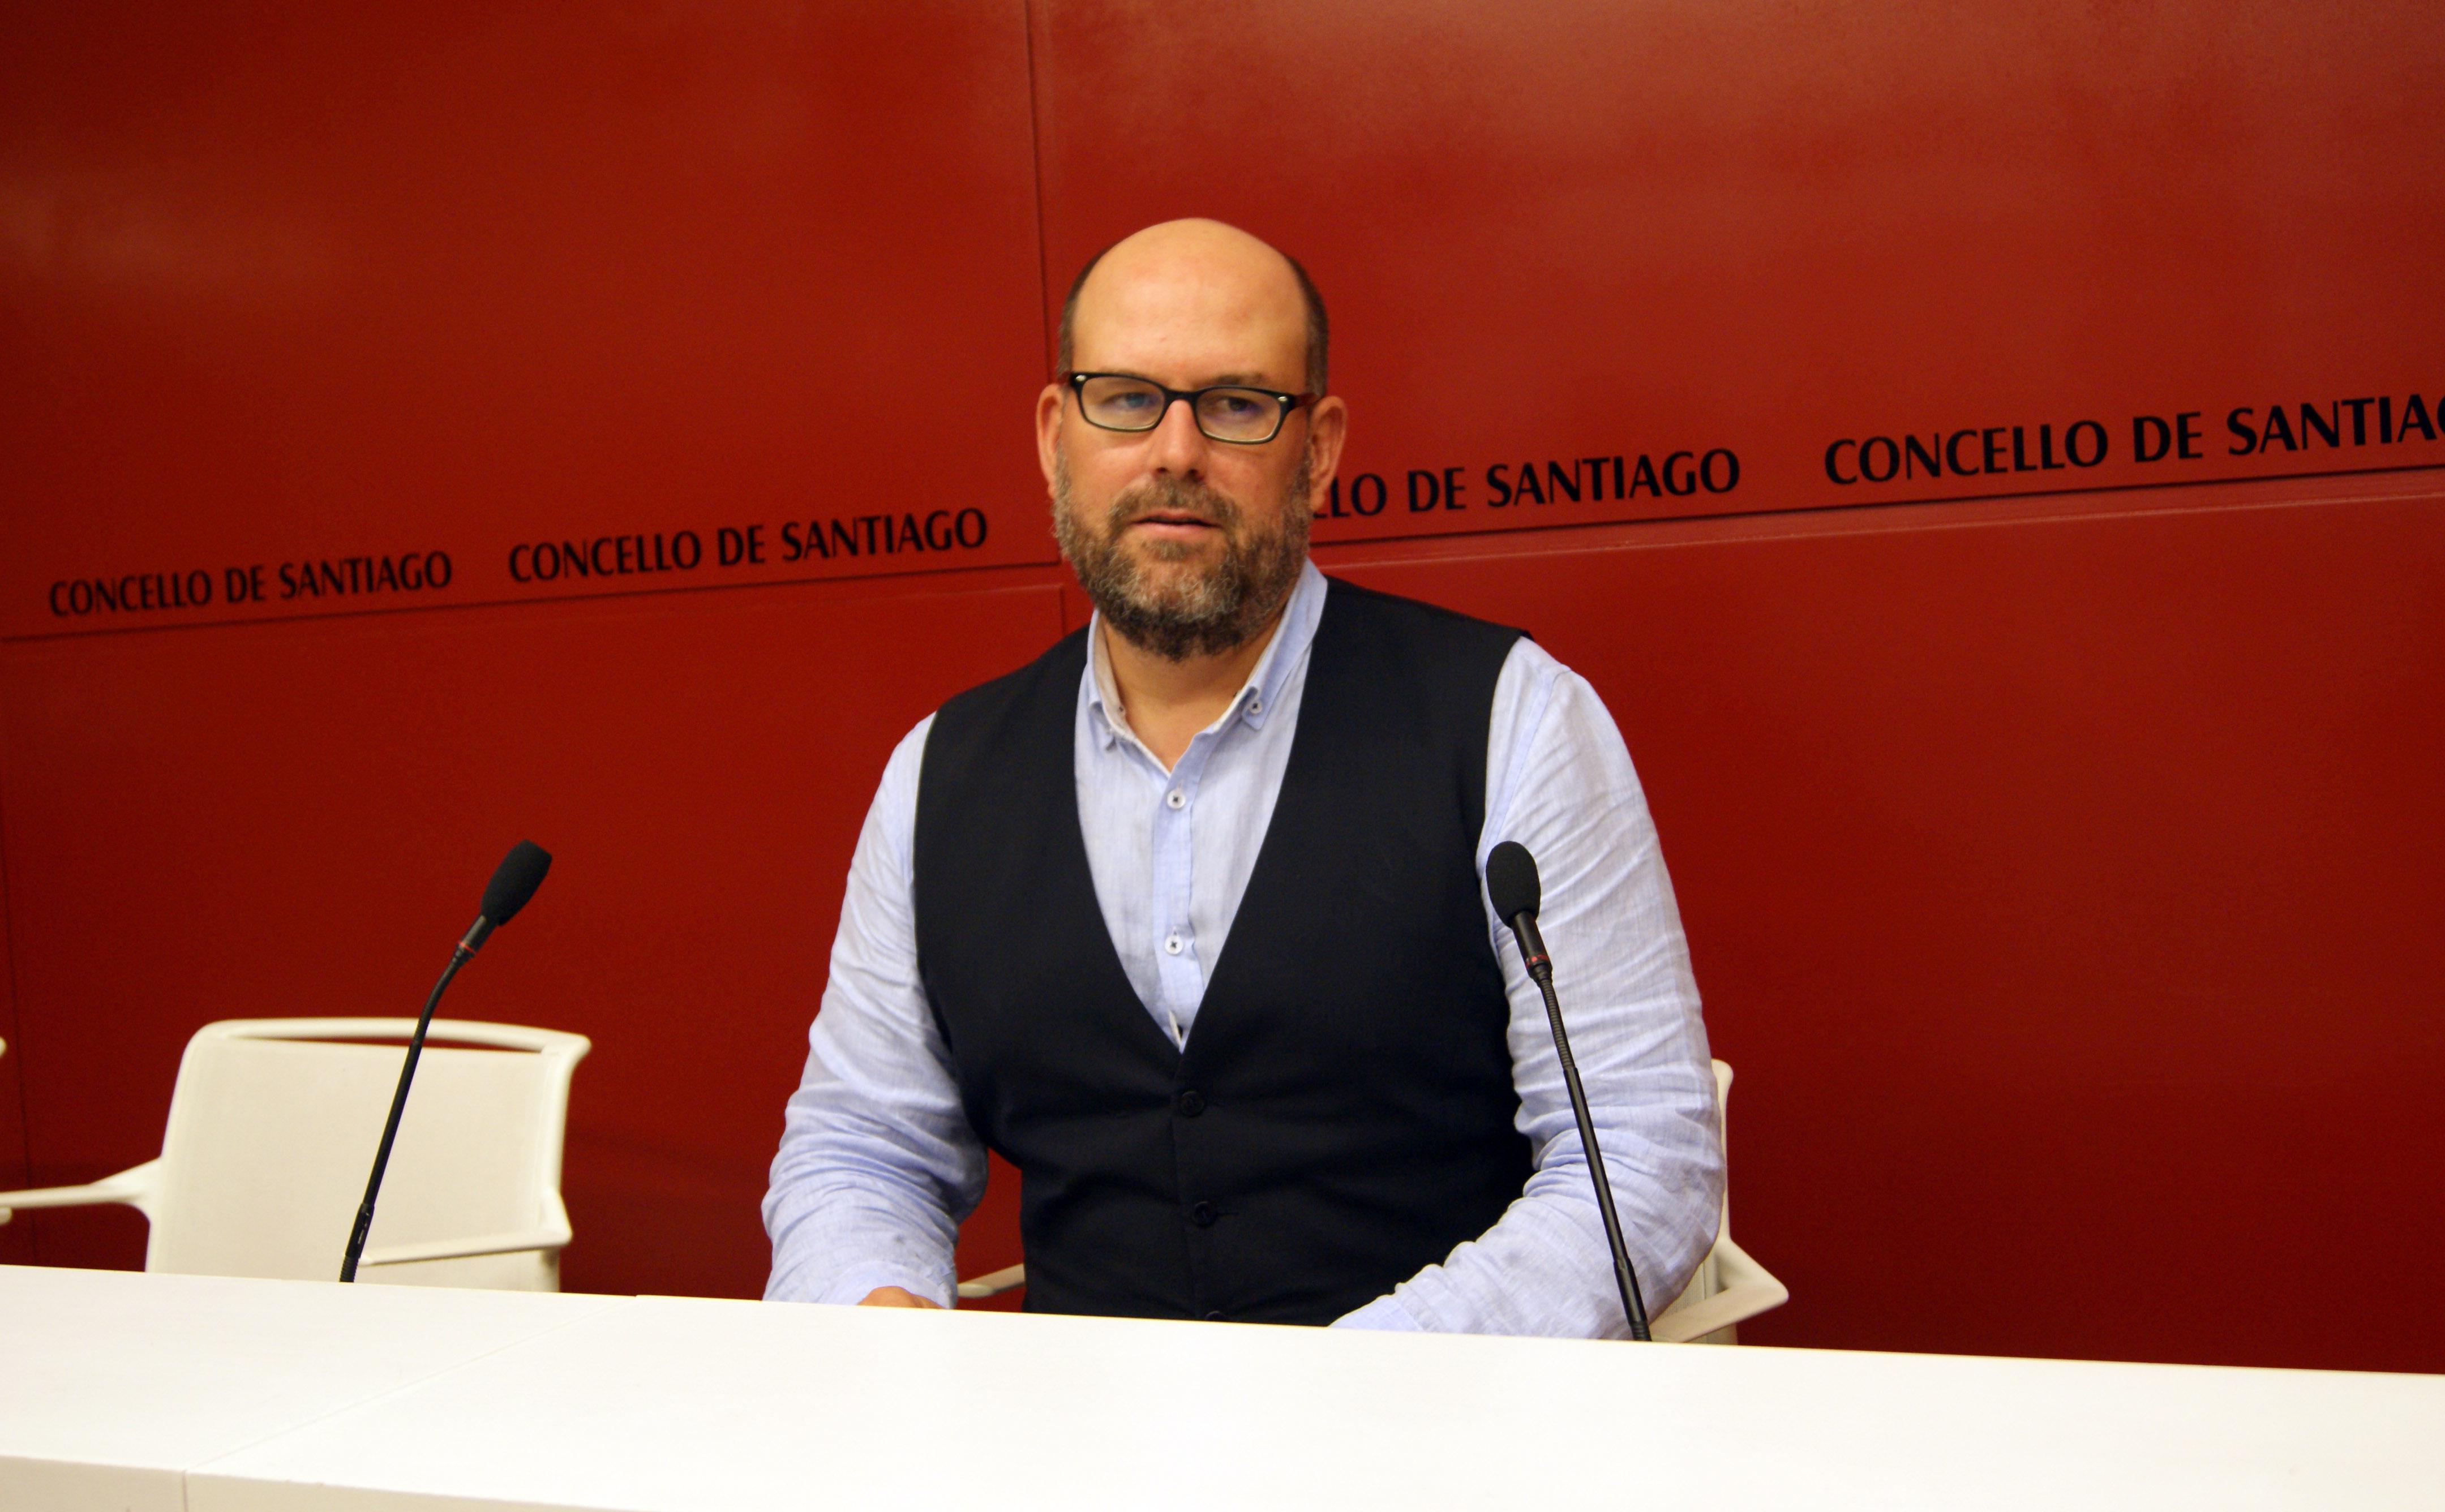 Martiño Noriega deu conta dos asuntos tratados na Xunta de Goberno.